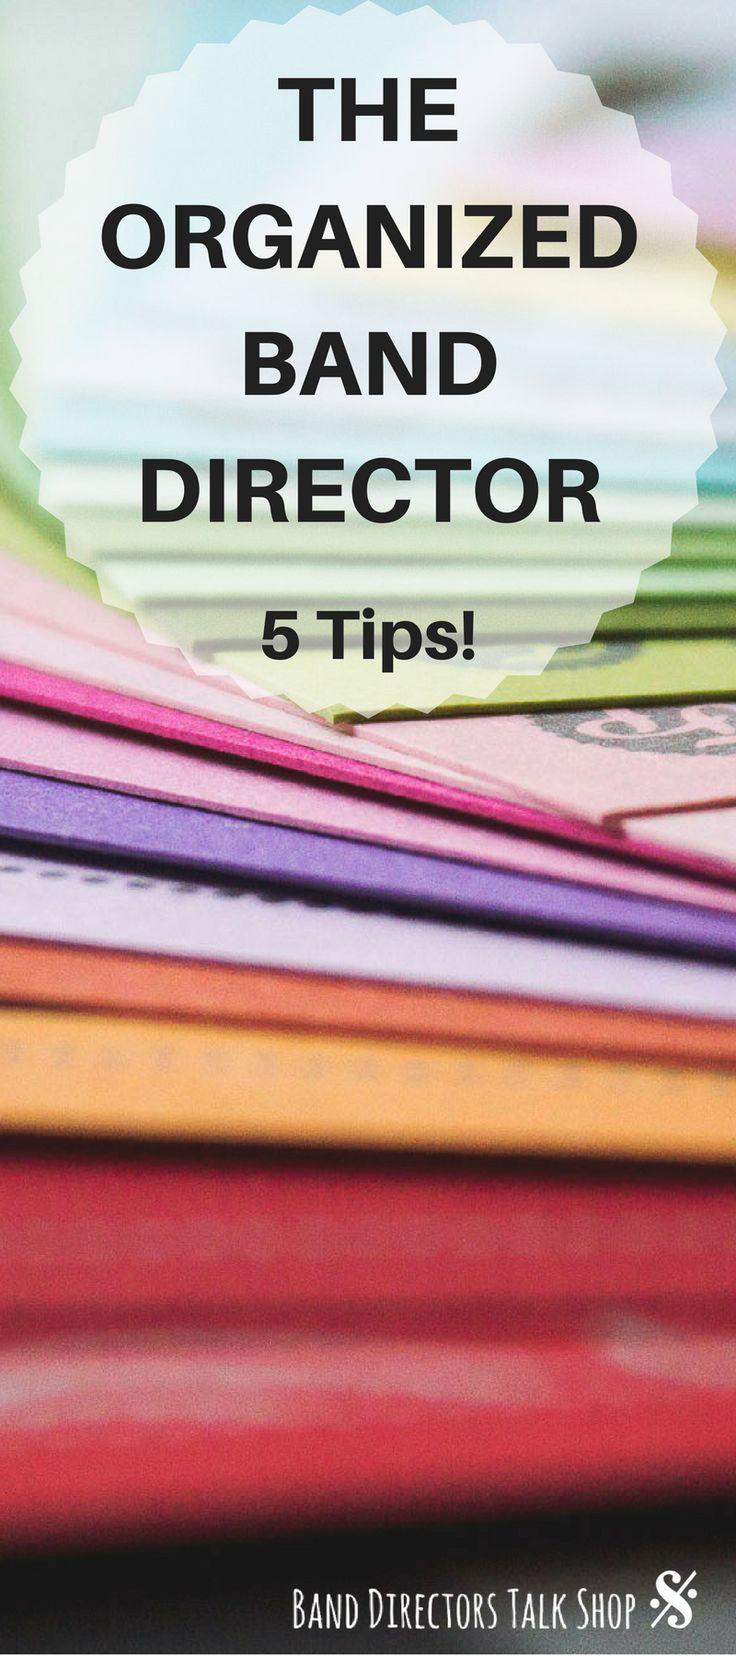 Band Director Organization tips and rehearsal ideas at Band Directors Talk Shop!